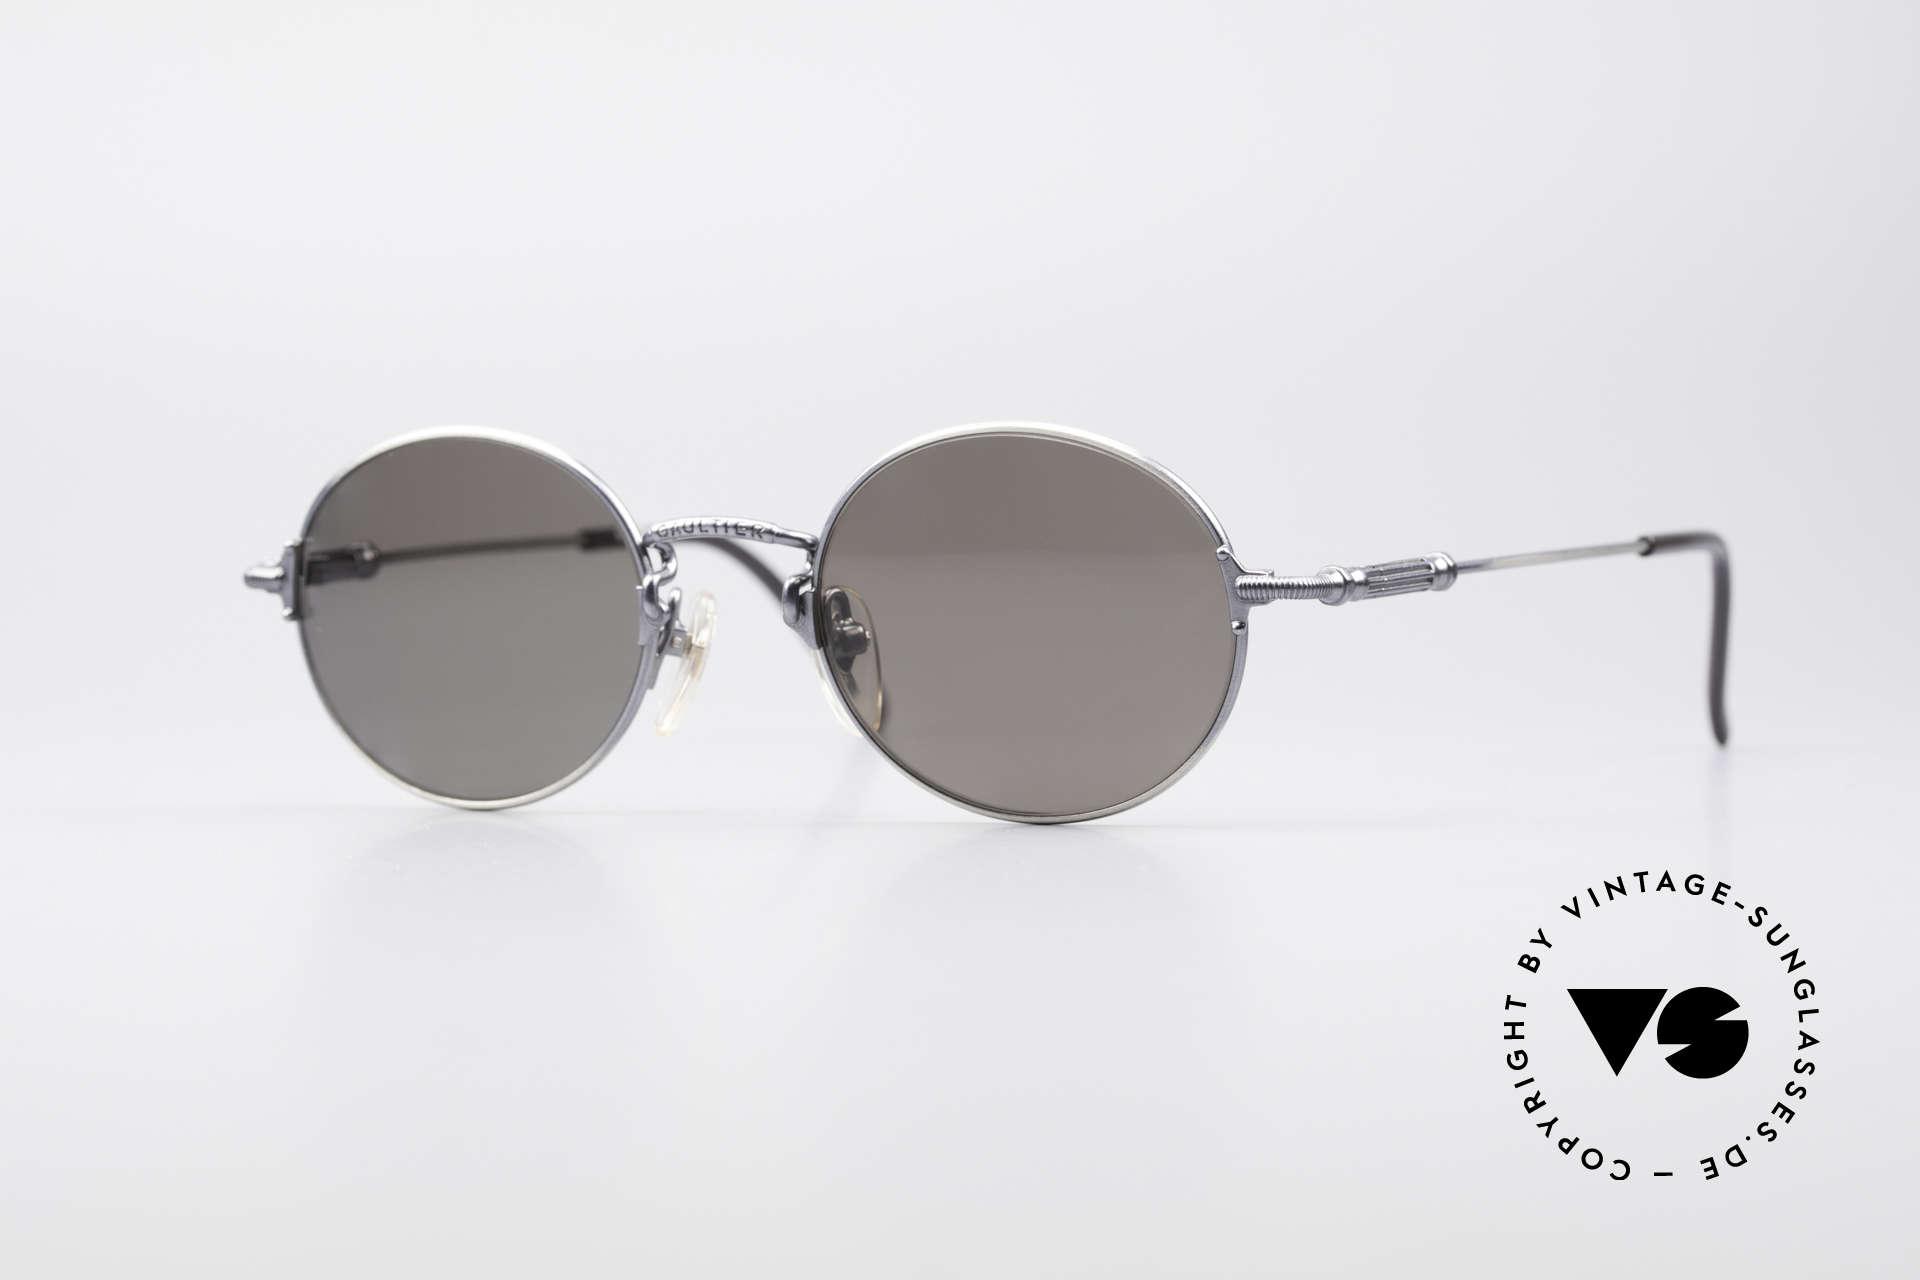 Jean Paul Gaultier 55-6109 Kleine Brille Polarisierend, kleine, runde vintage Brille von Jean Paul GAULTIER, Passend für Herren und Damen